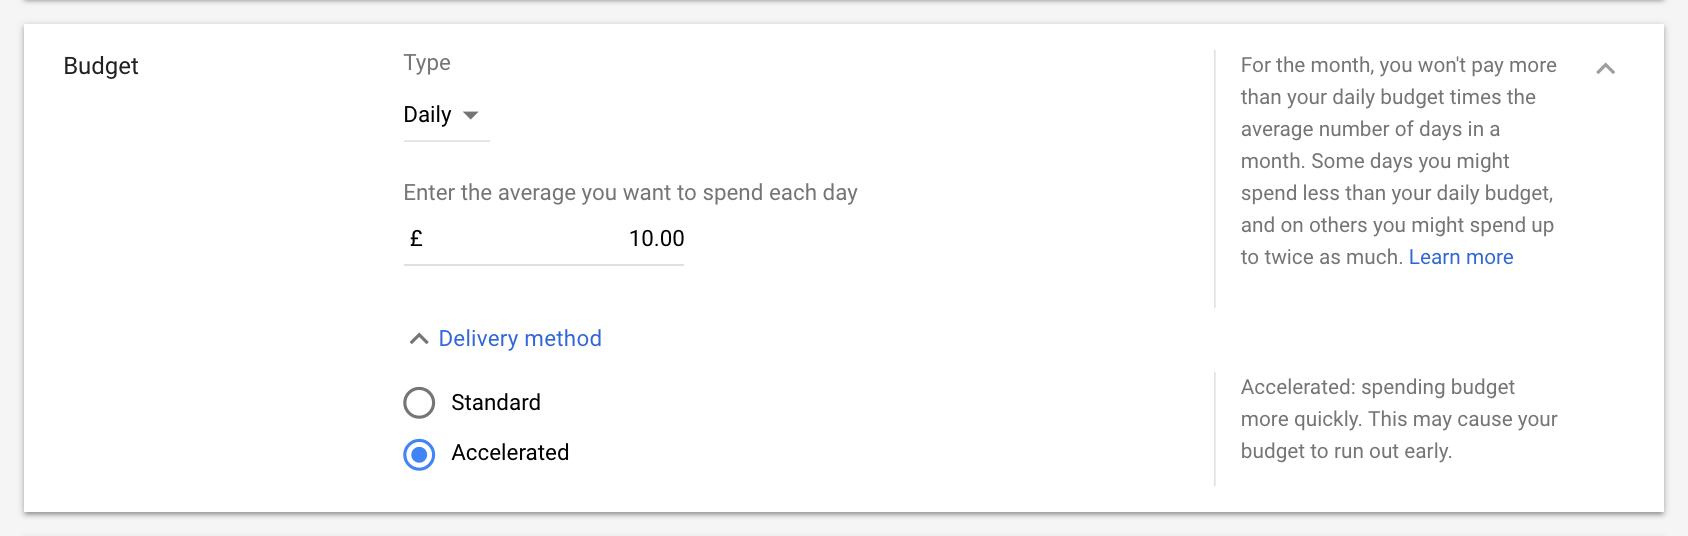 Đặt ngân sách cho quảng cáo YouTube